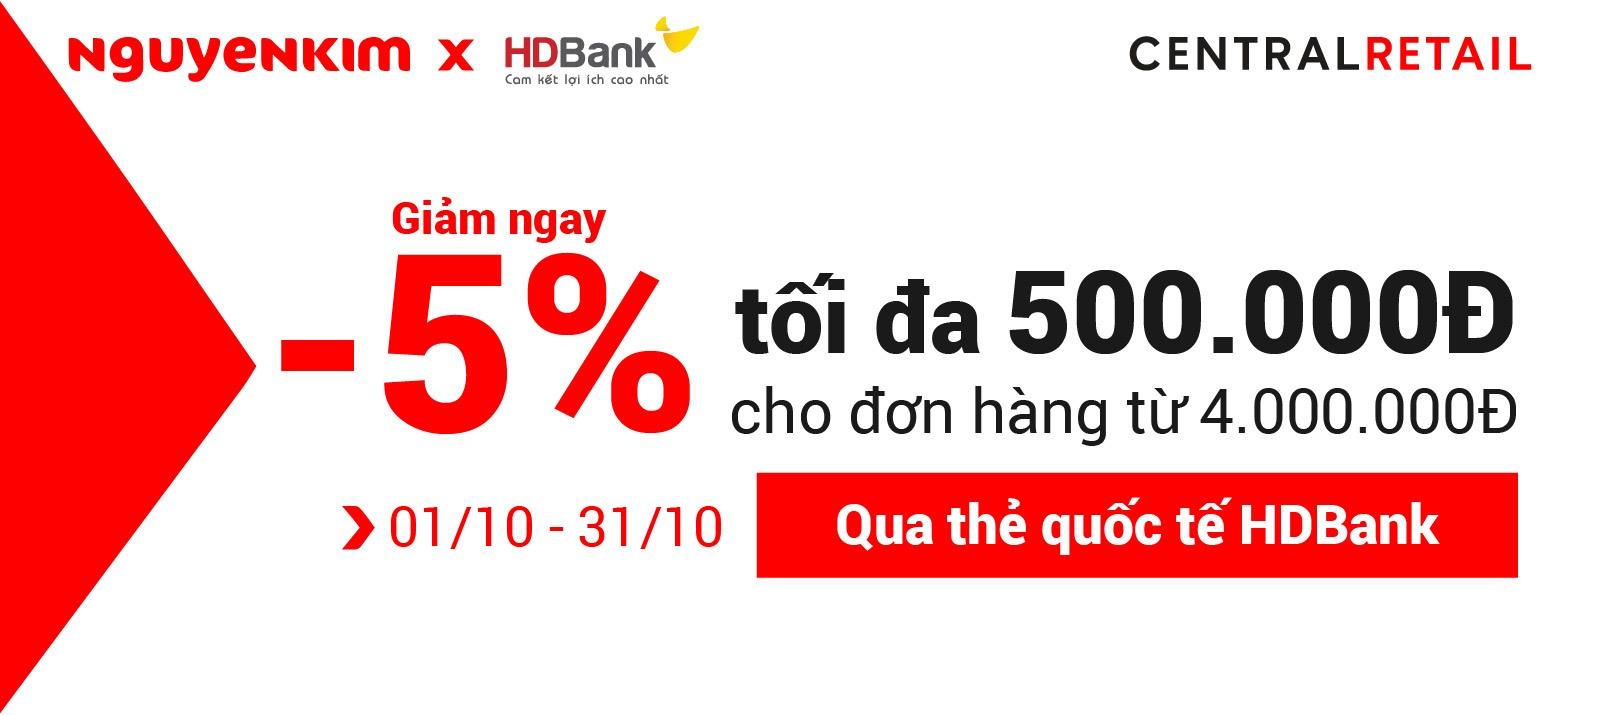 Dotngoai_HDBank_Oct_Giam 500 cho DH tu 4 trieu_T10